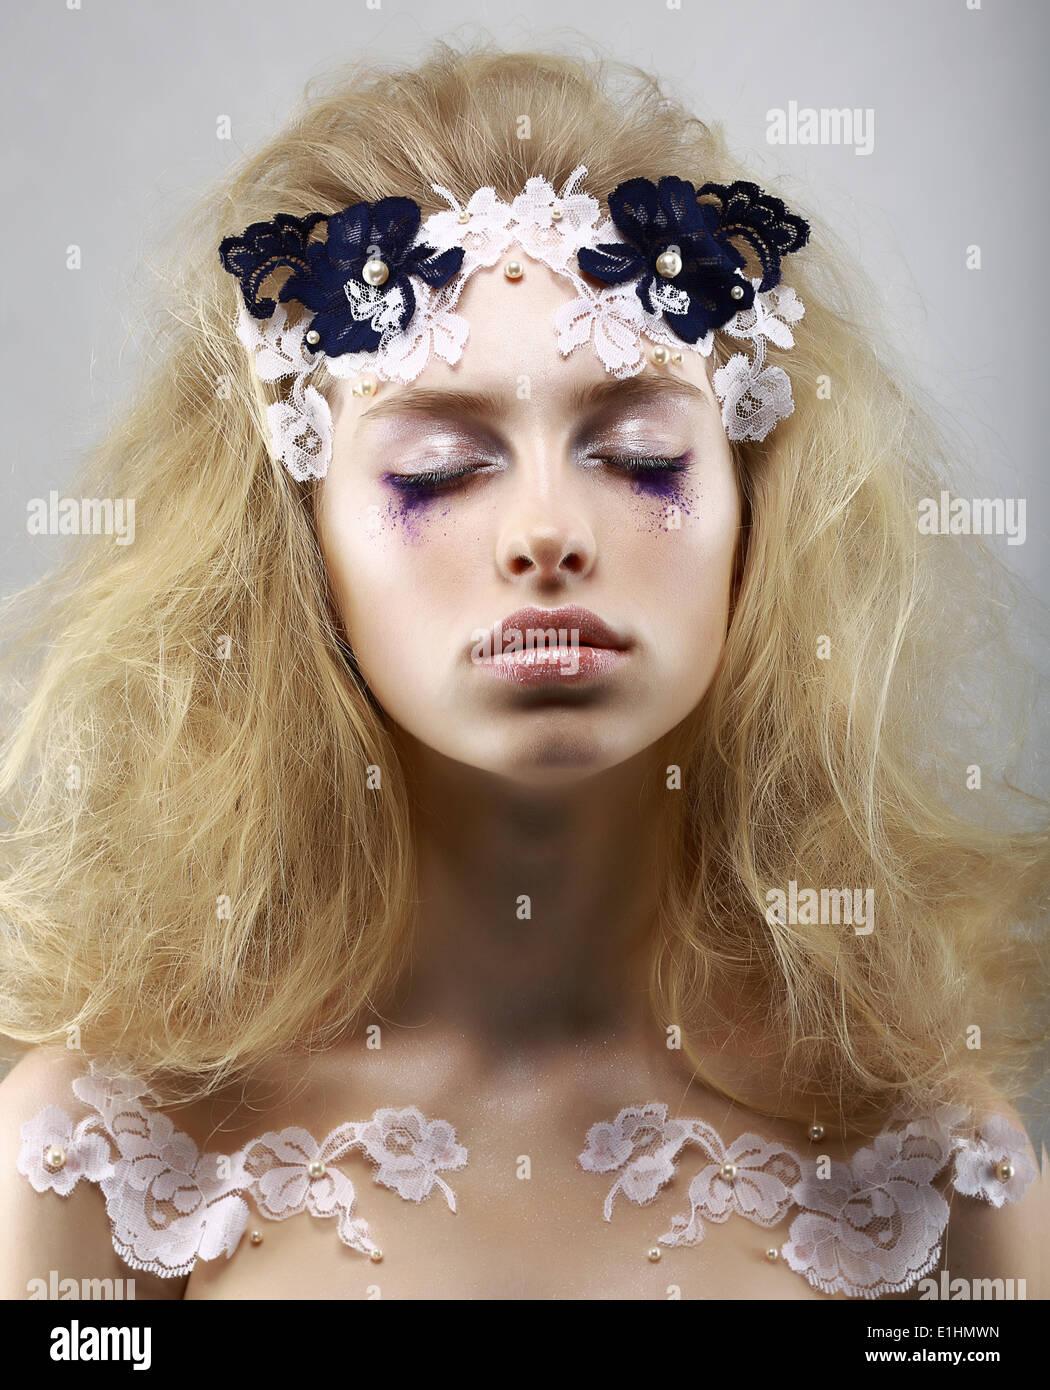 Entspannen Sie sich. Geheimnisvolle Blondine mit gemalten Haut gestylt. Träume mit geschlossenen Augen. Schönheit Stockbild